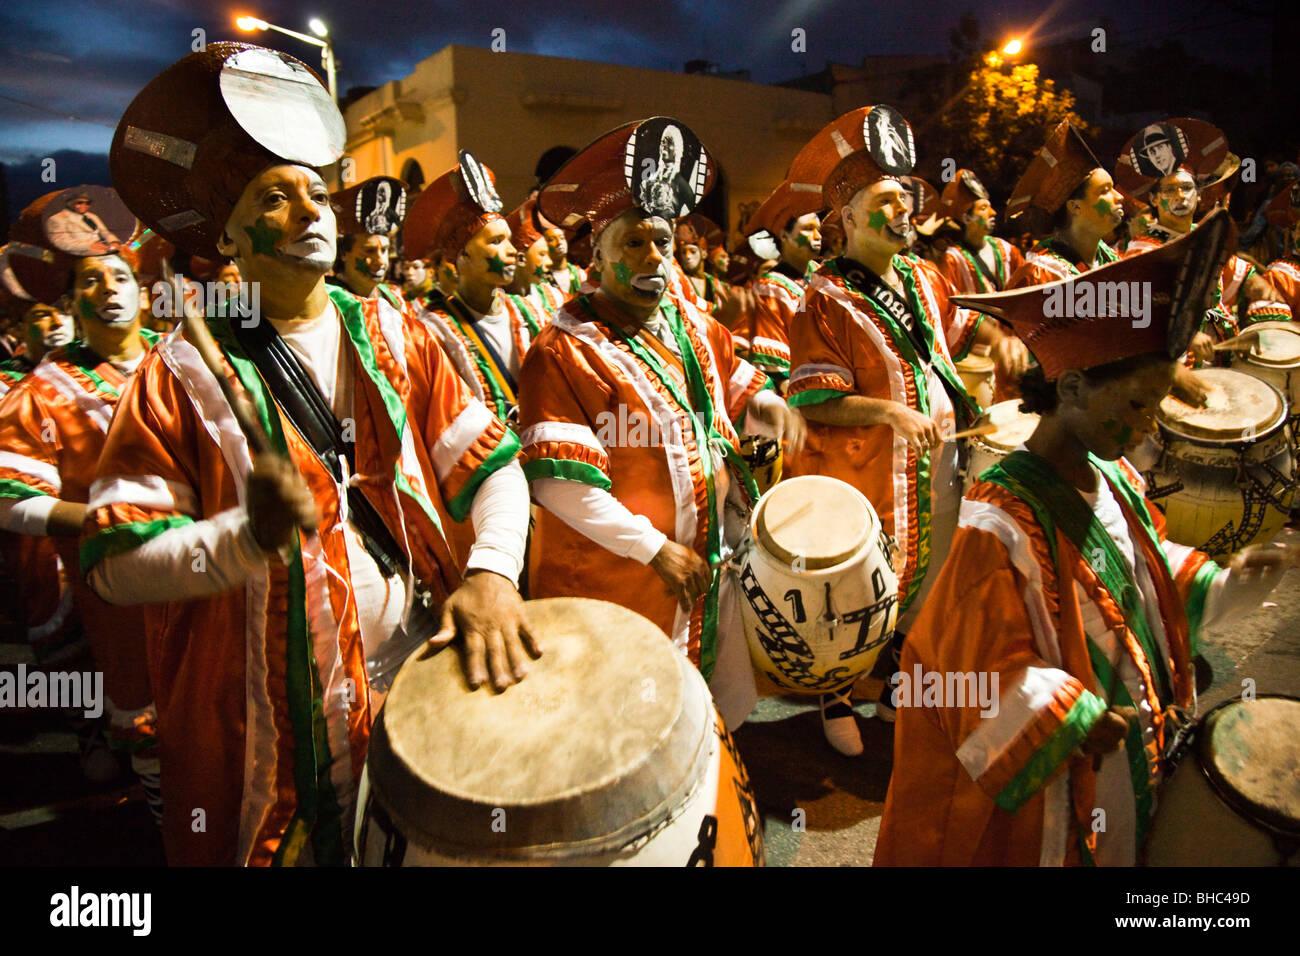 Una batteria tamburo esegue in parata di Llamadas durante il carnevale di Montevideo, Uruguay. Immagini Stock